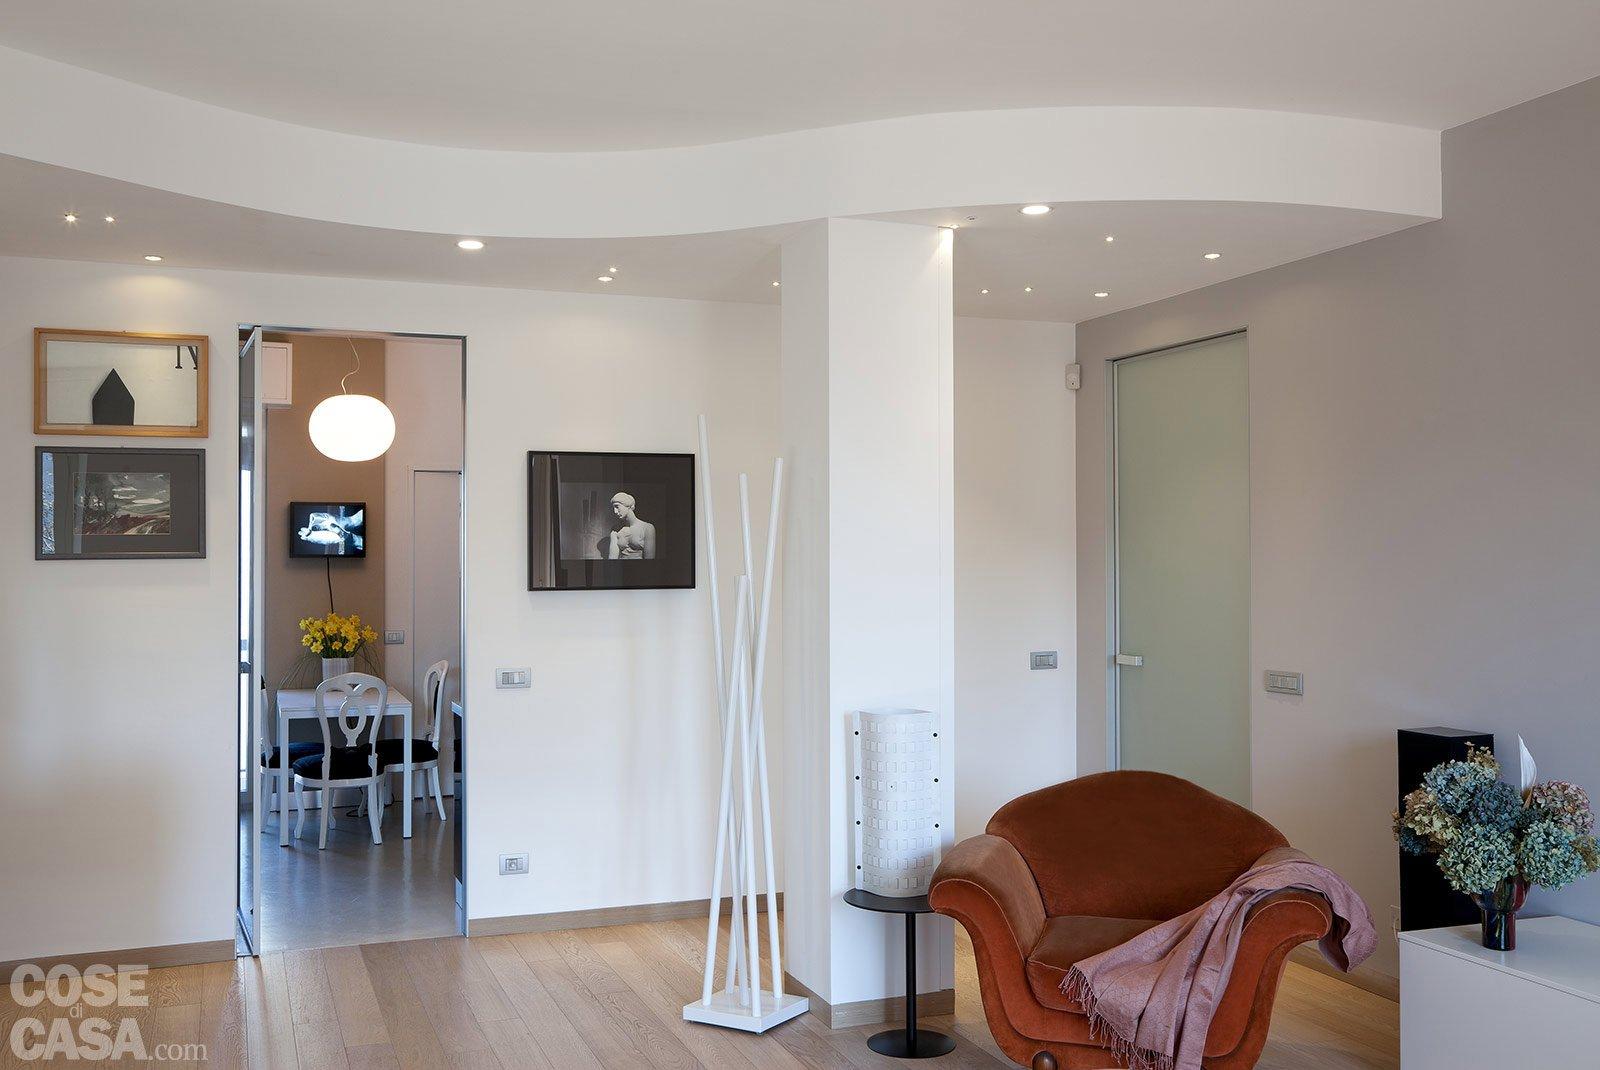 Ambienti contemporanei per una casa di taglio tradizionale - Arredo per la casa ...